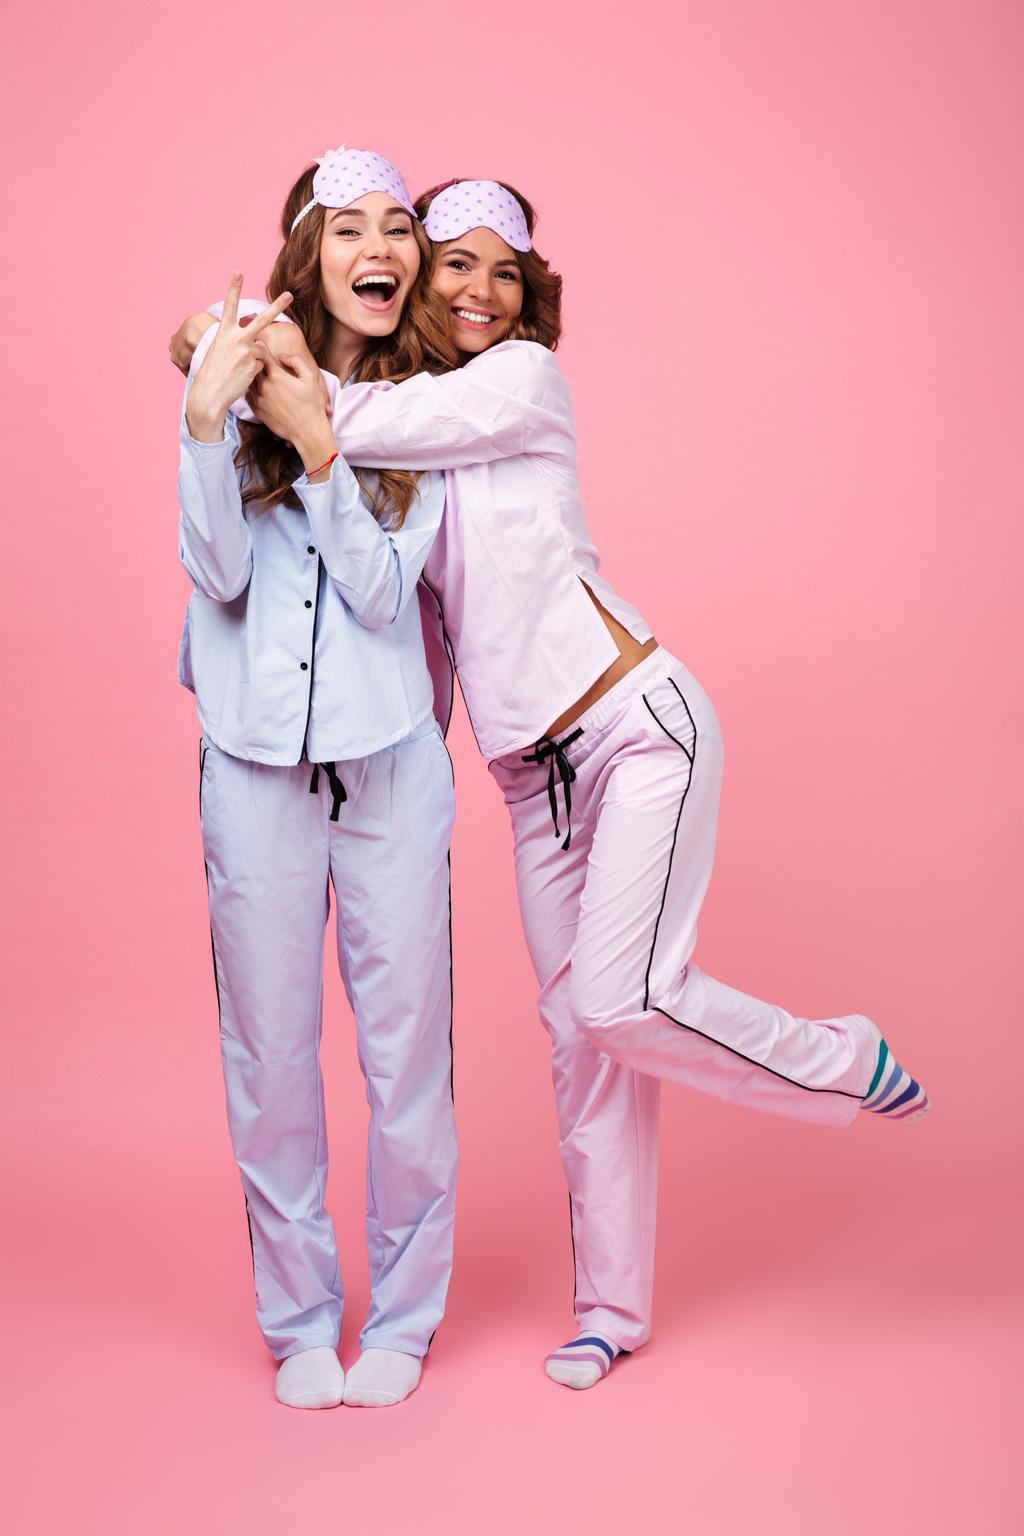 Girls Wearing Pajamas